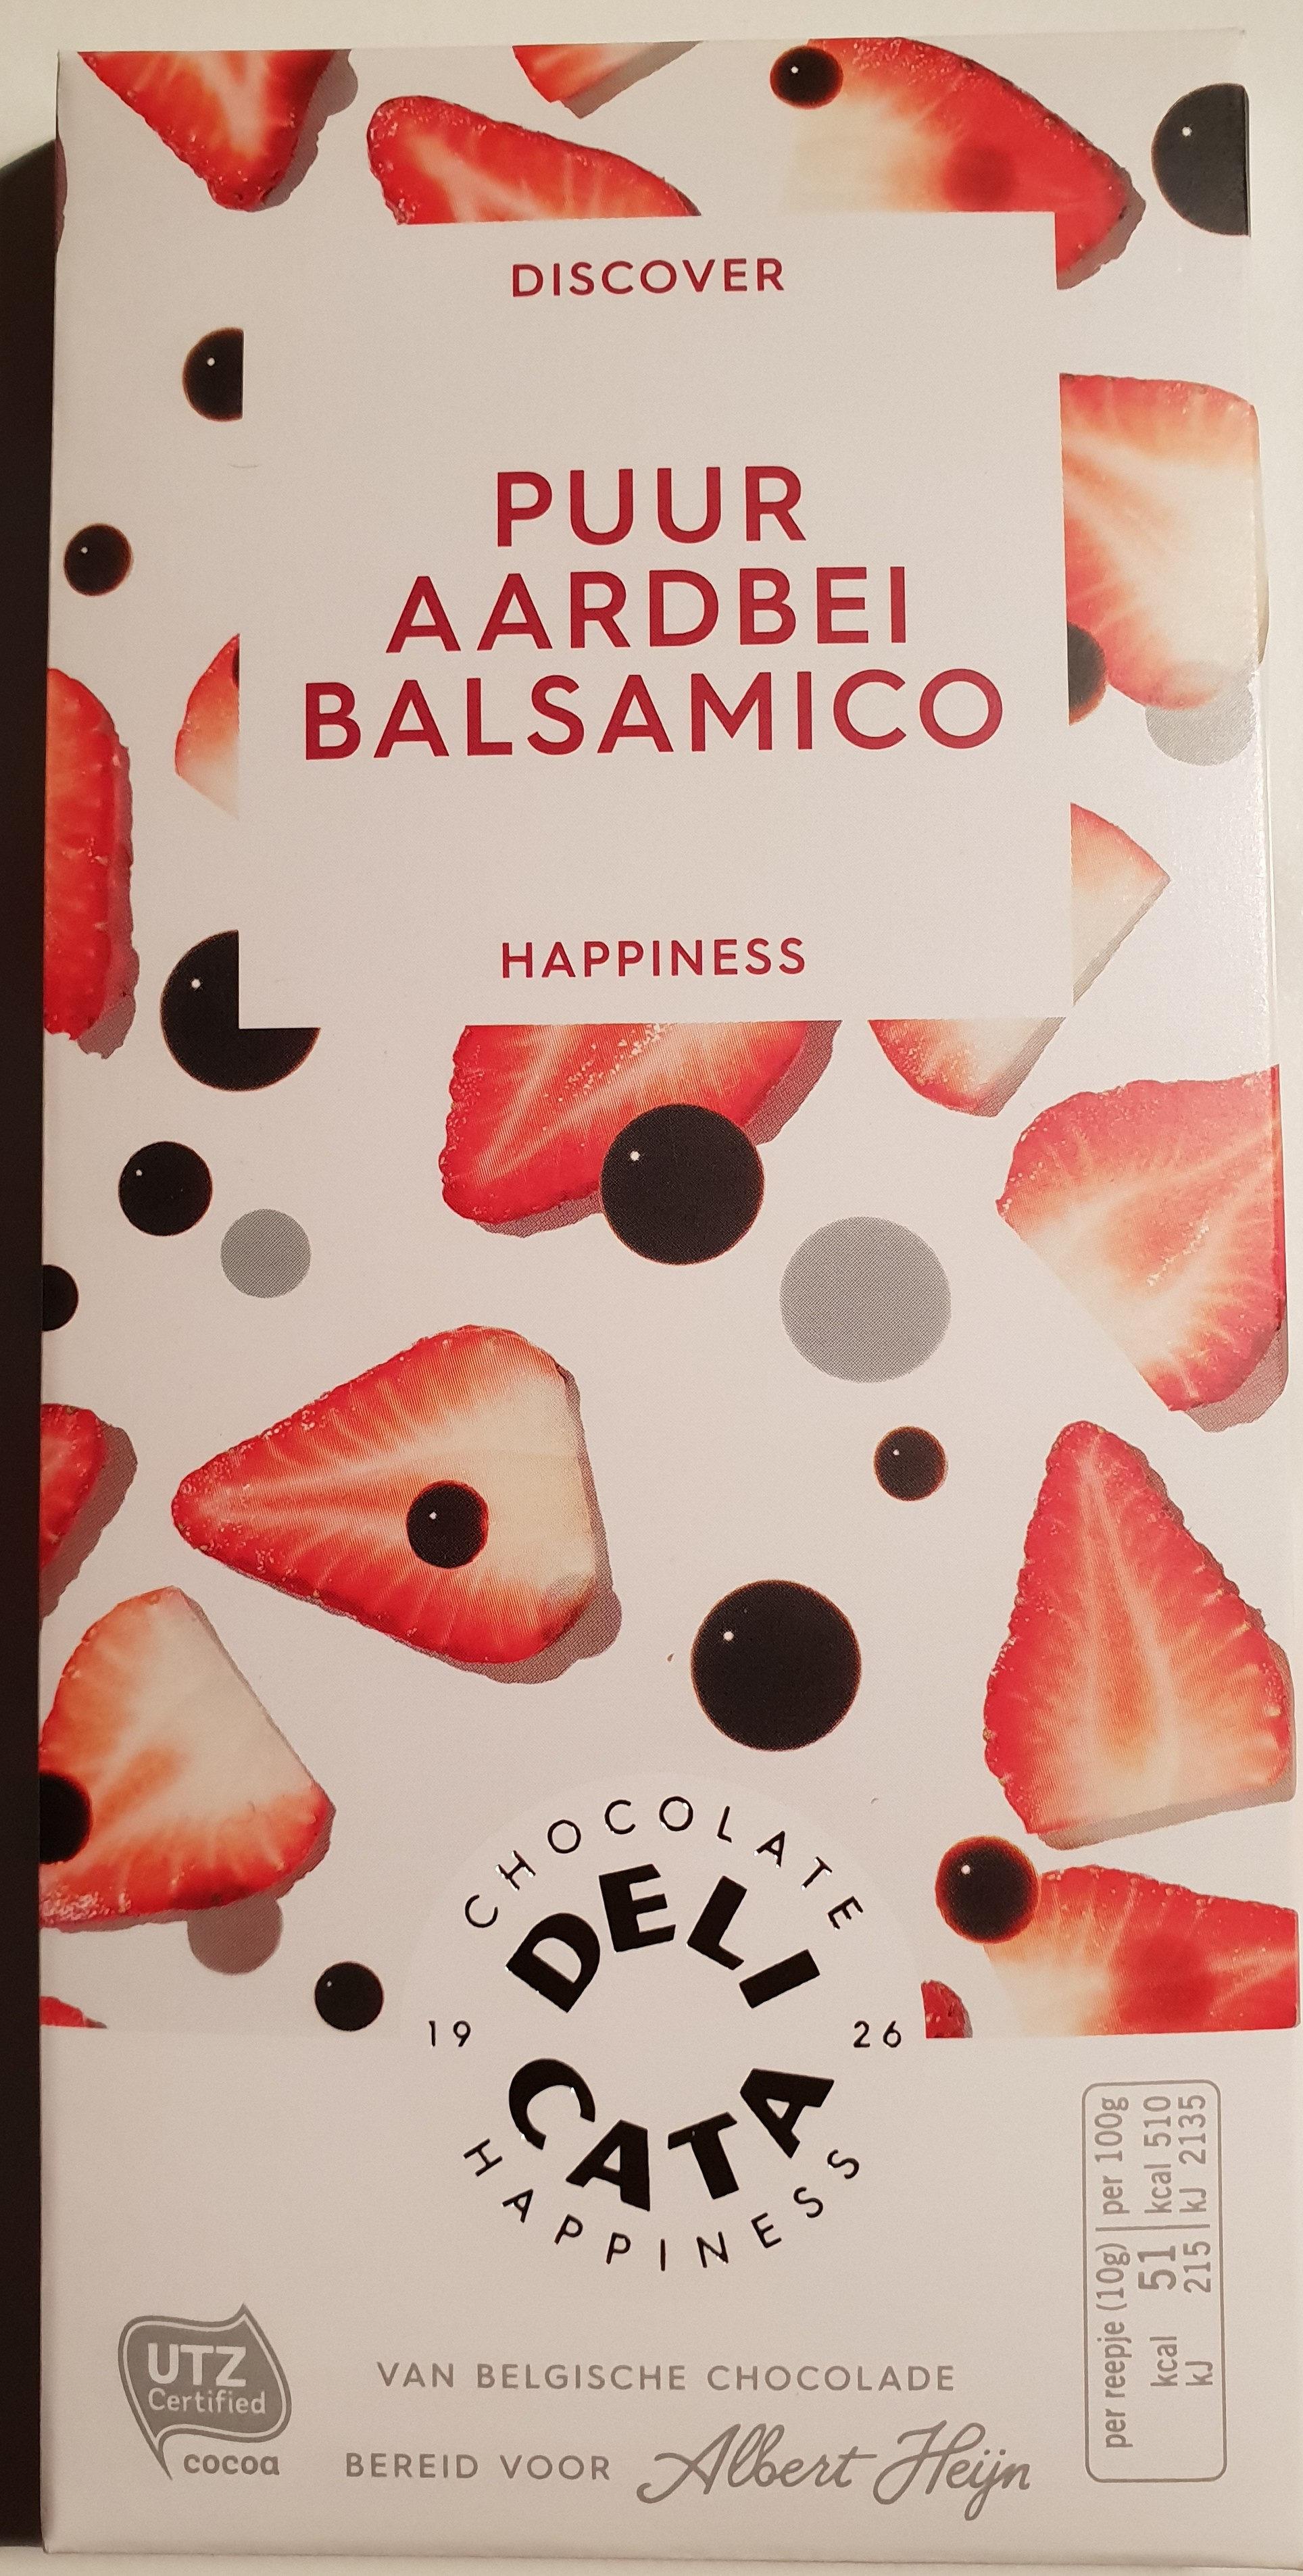 Delicata pure chocolade met aardbei en balsamico - Product